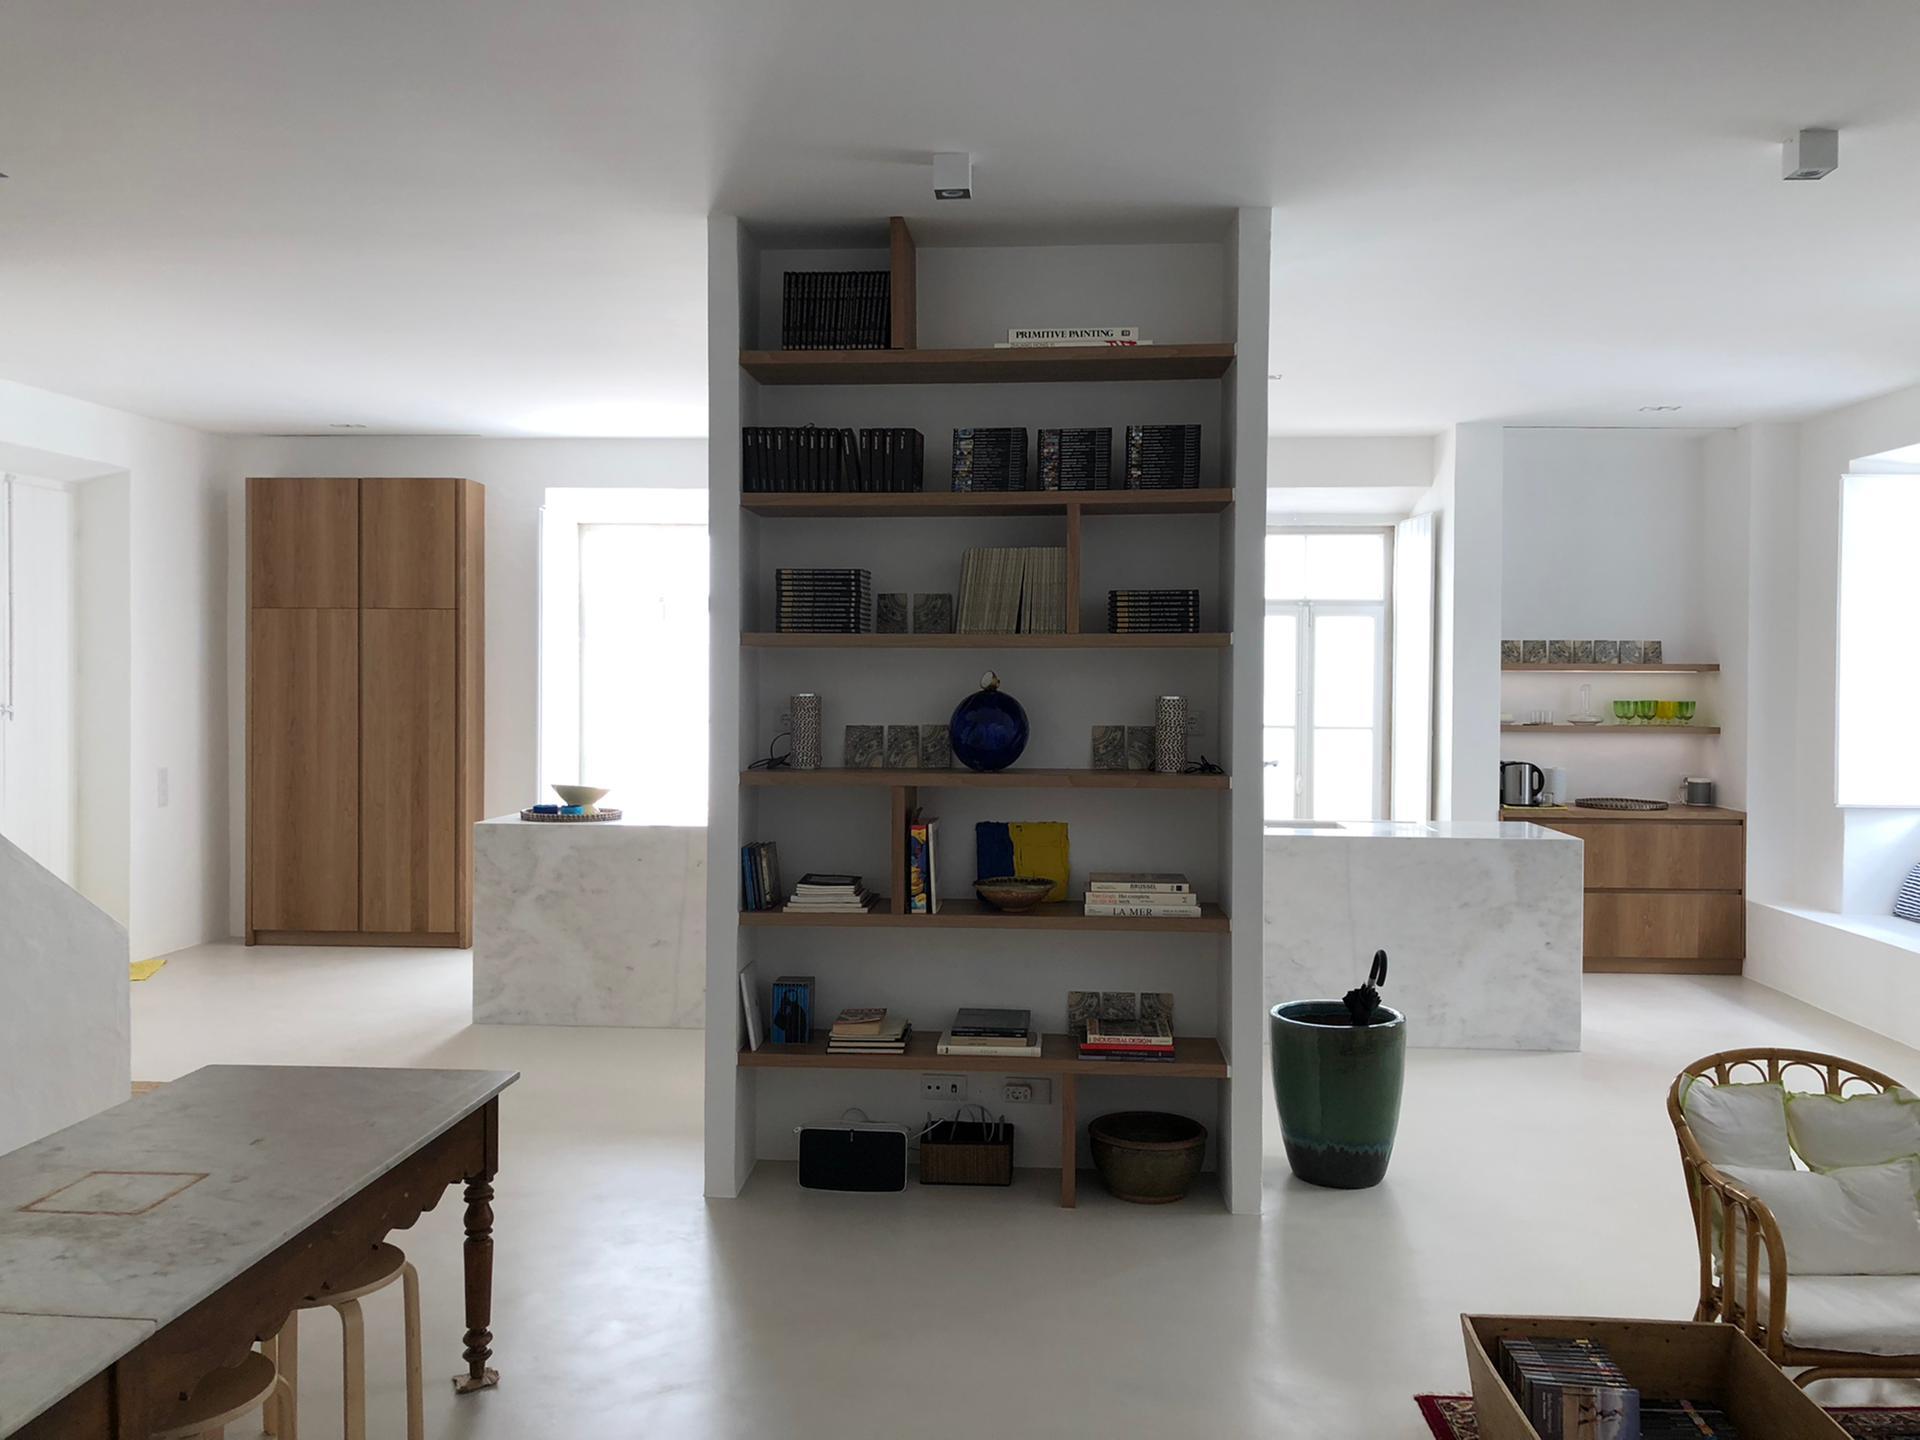 HKIT - AMC - Asociación Mobiliario de Cocina